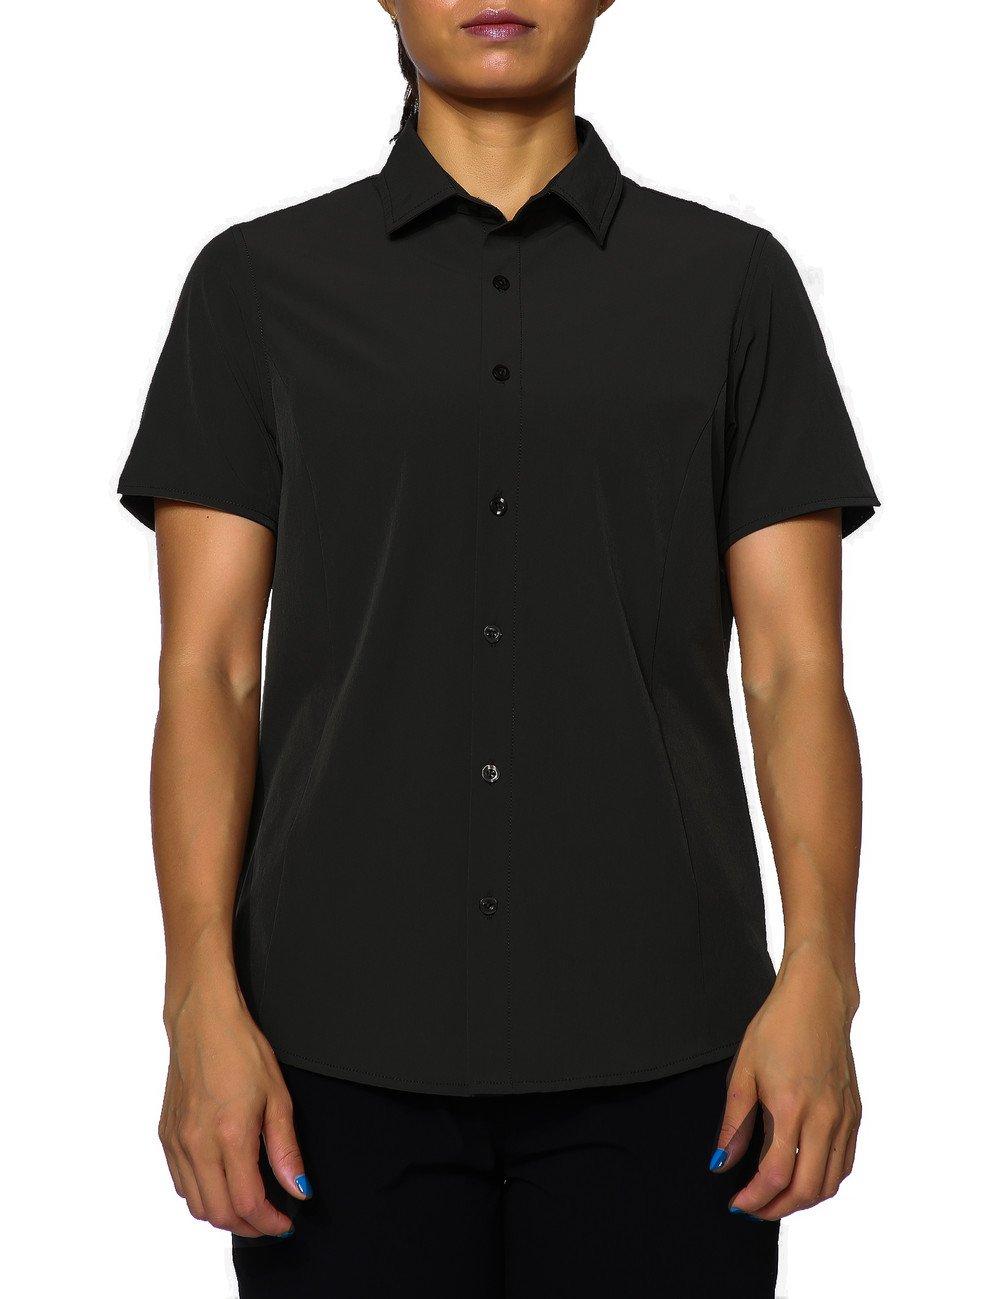 unitop Women's Short-Sleeve Work Shirt Fishing Shirt for Hiking Camping